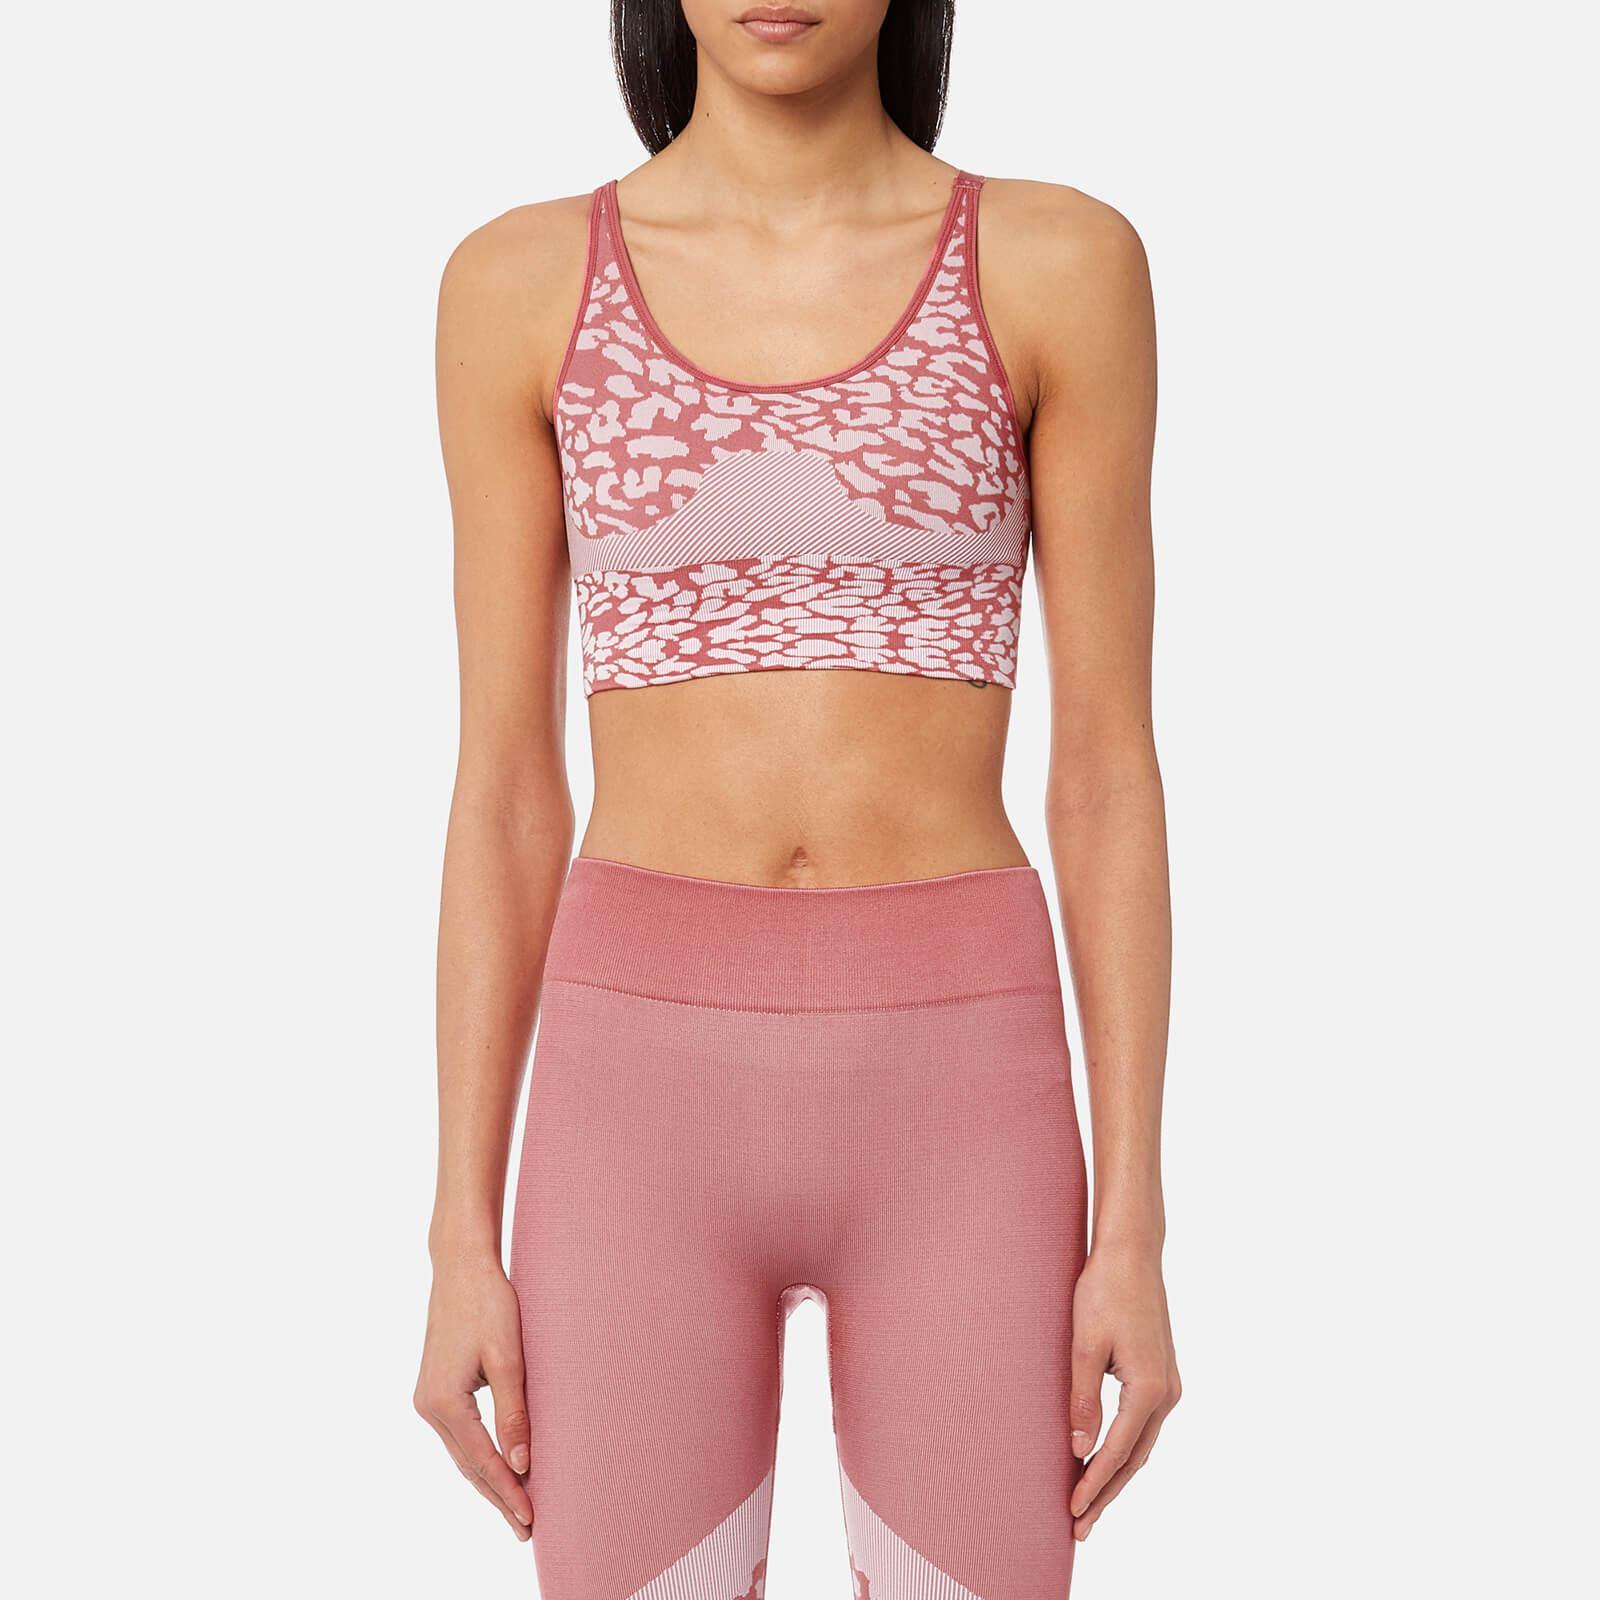 ba86b7c01ea54 Varley Reed Sports Bra in Pink - Lyst